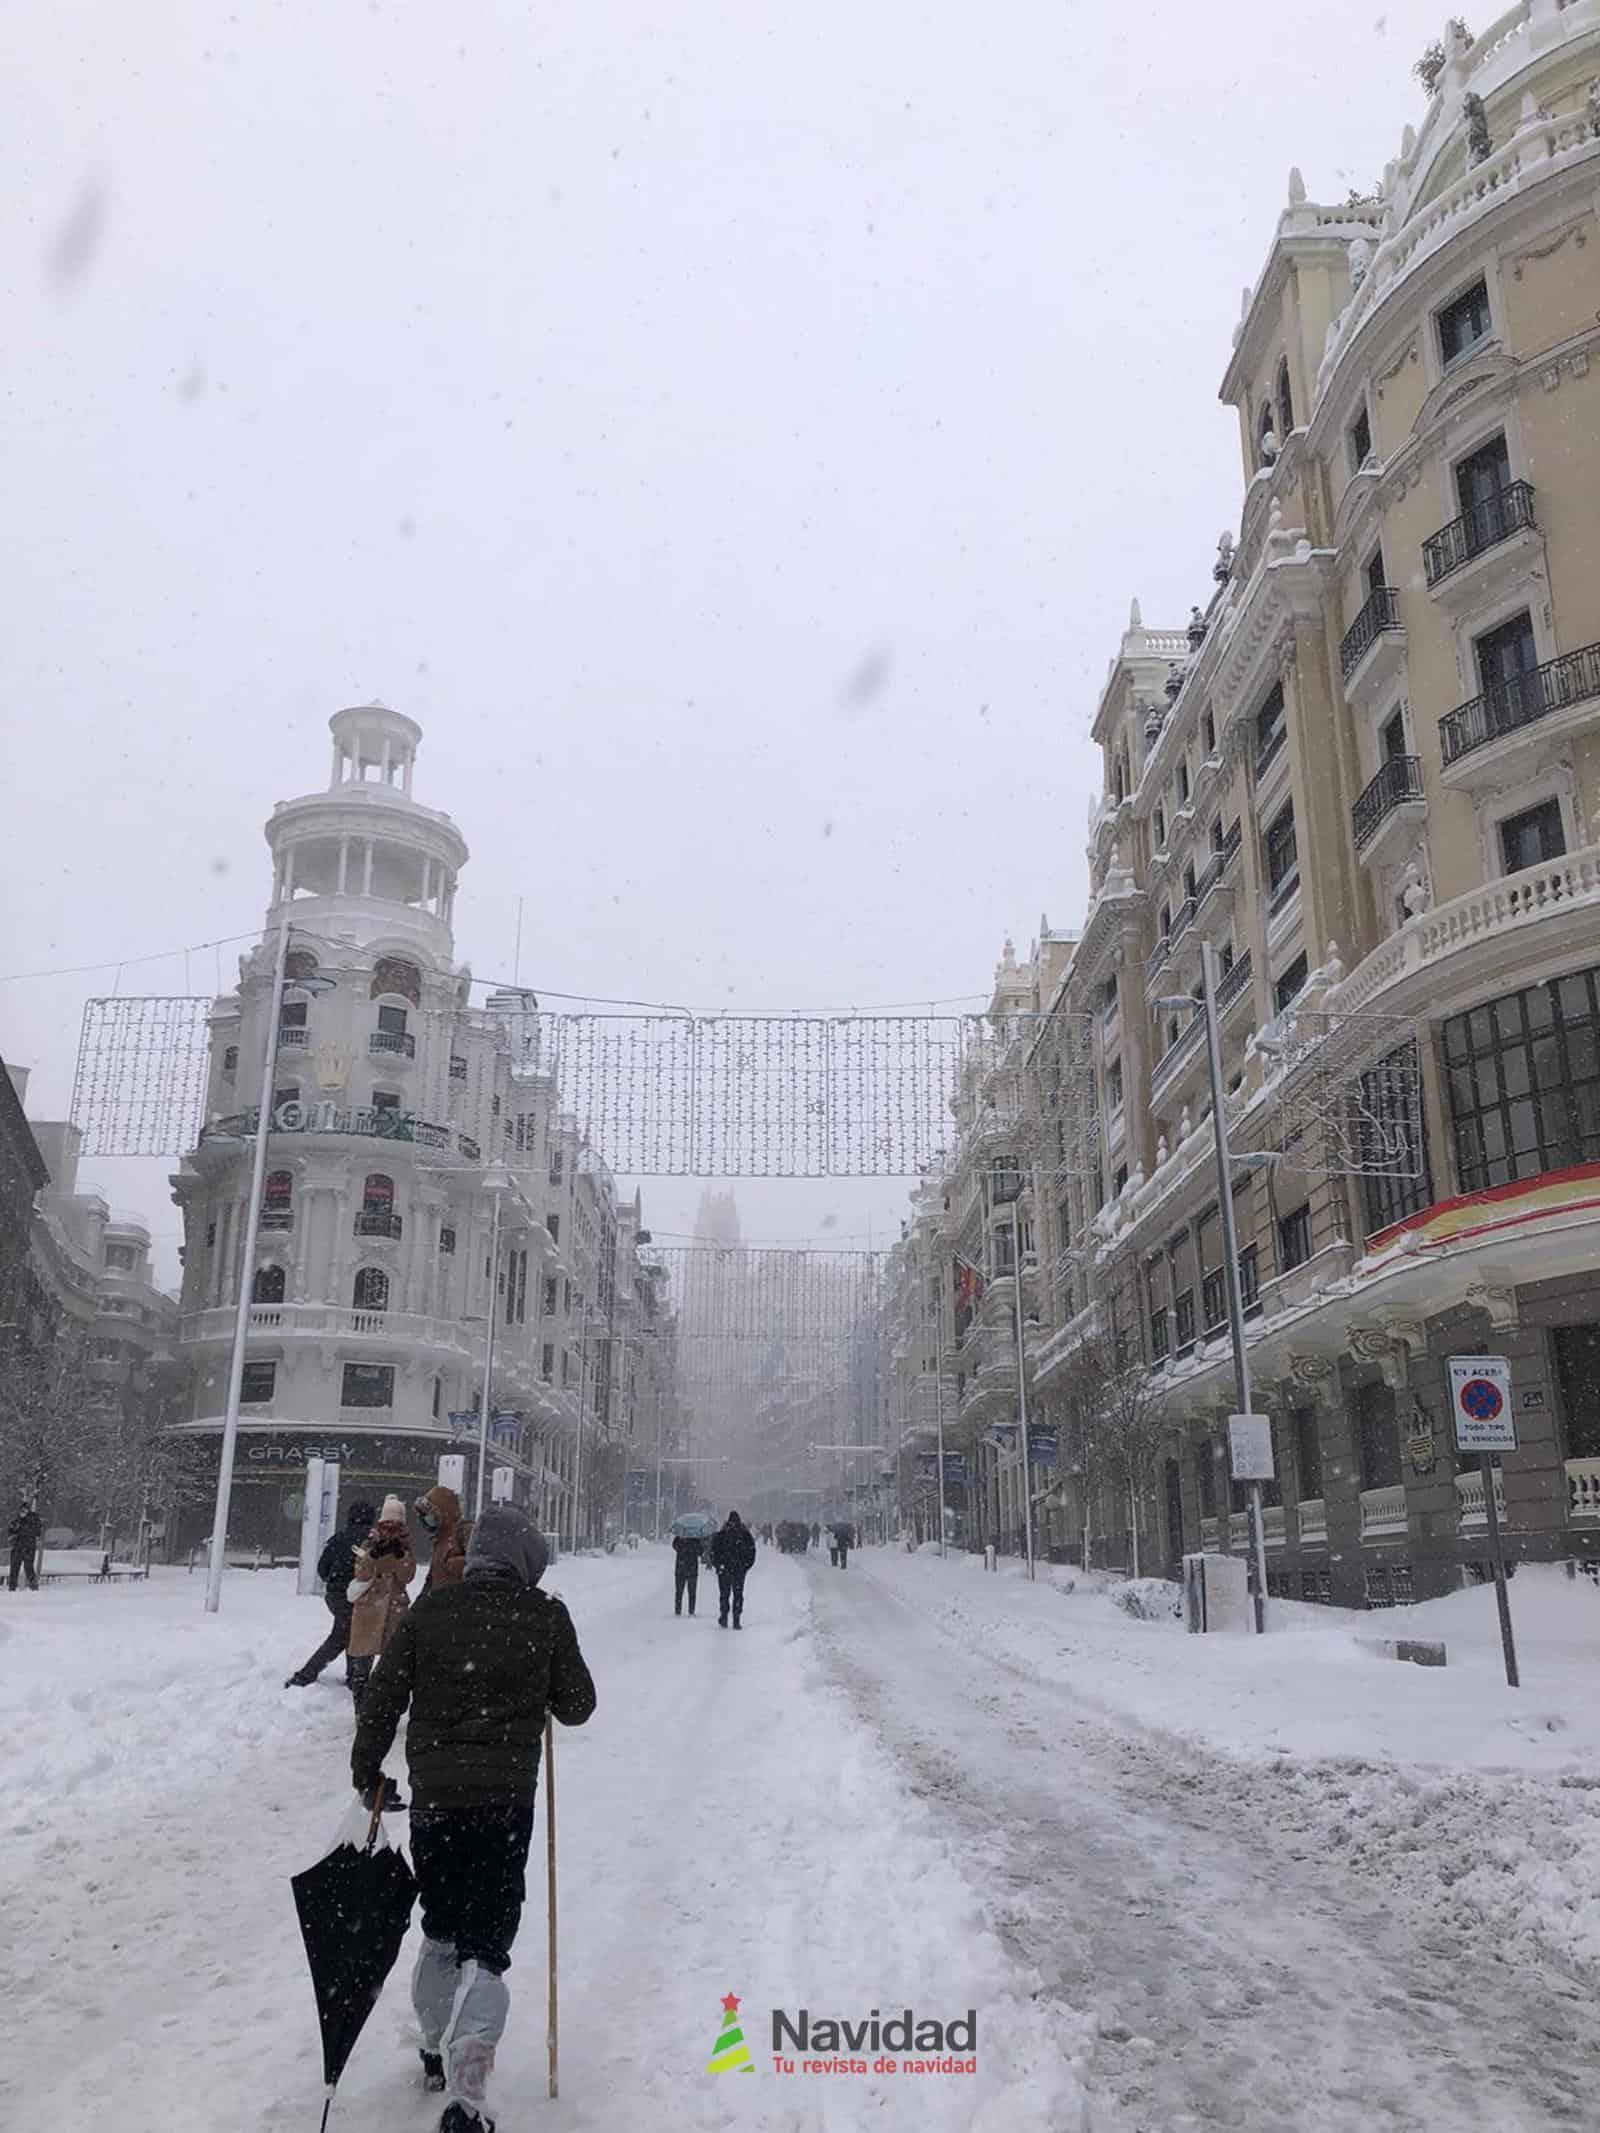 Fotografías de la nevada de enero en Madrid (España) 90